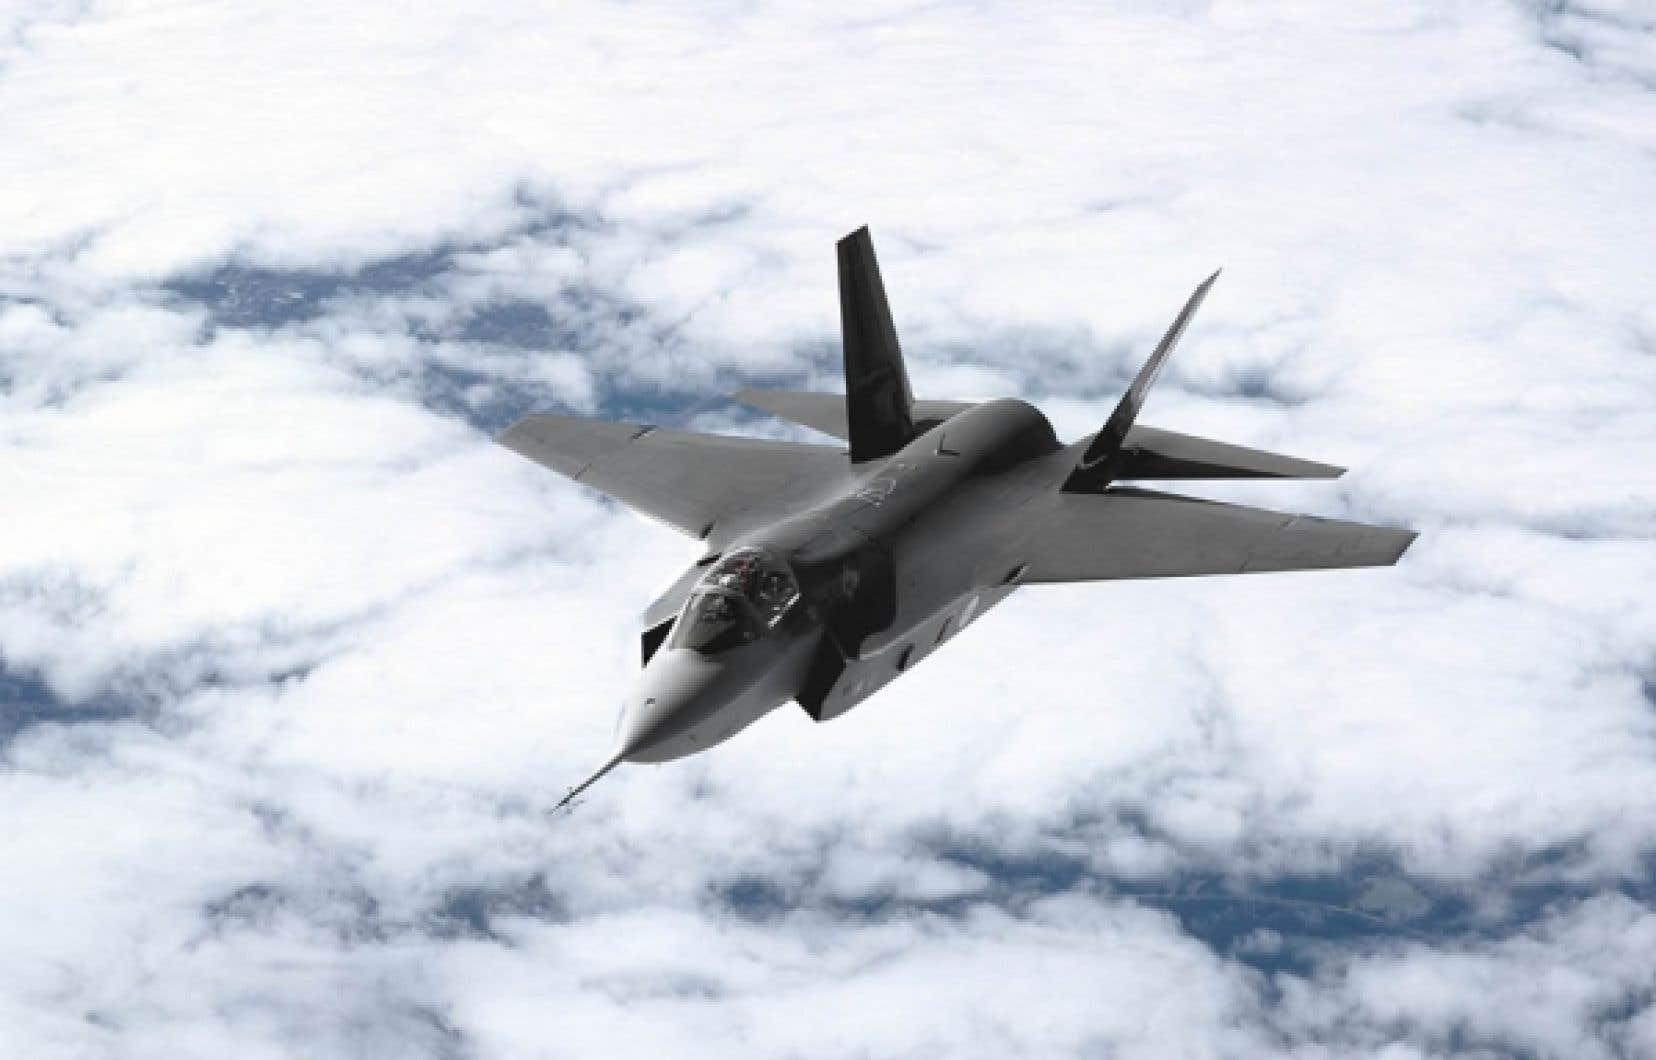 Le prix moyen par appareil F-35 est passé de 50 millions $US à 92 millions $US, le tout en dollars de 2002.<br />